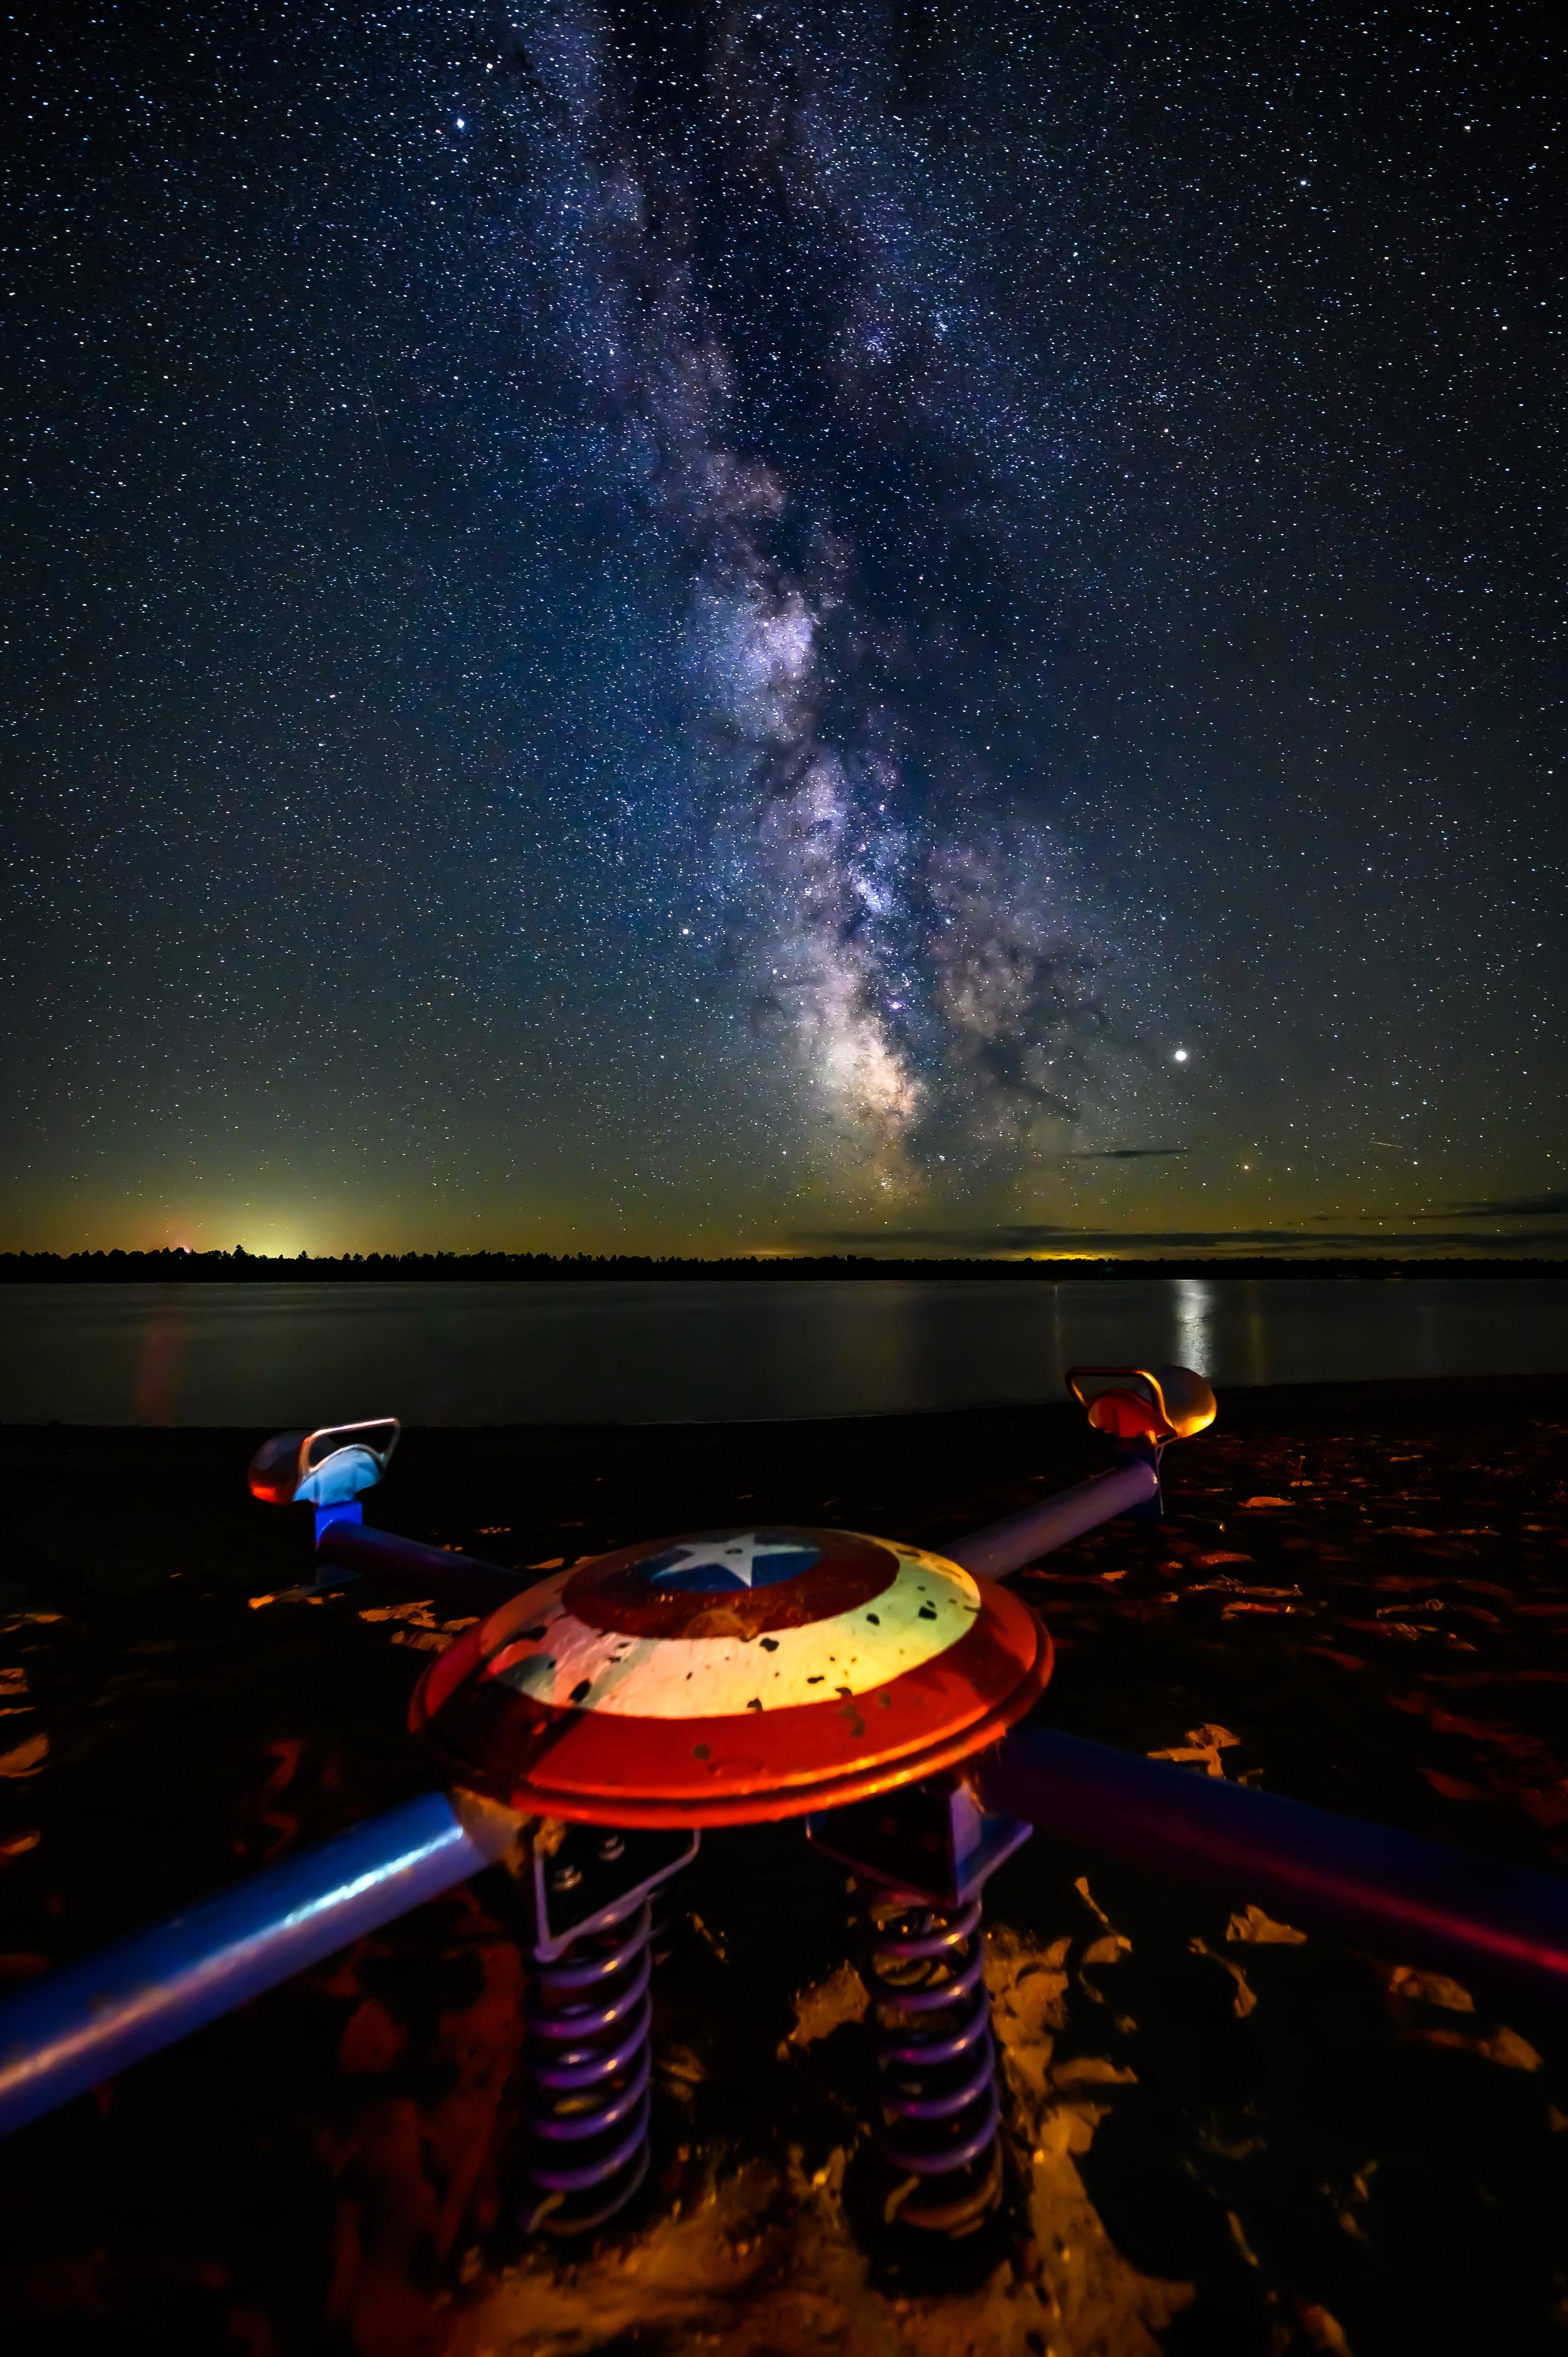 Capt Milky Way-1.jpg